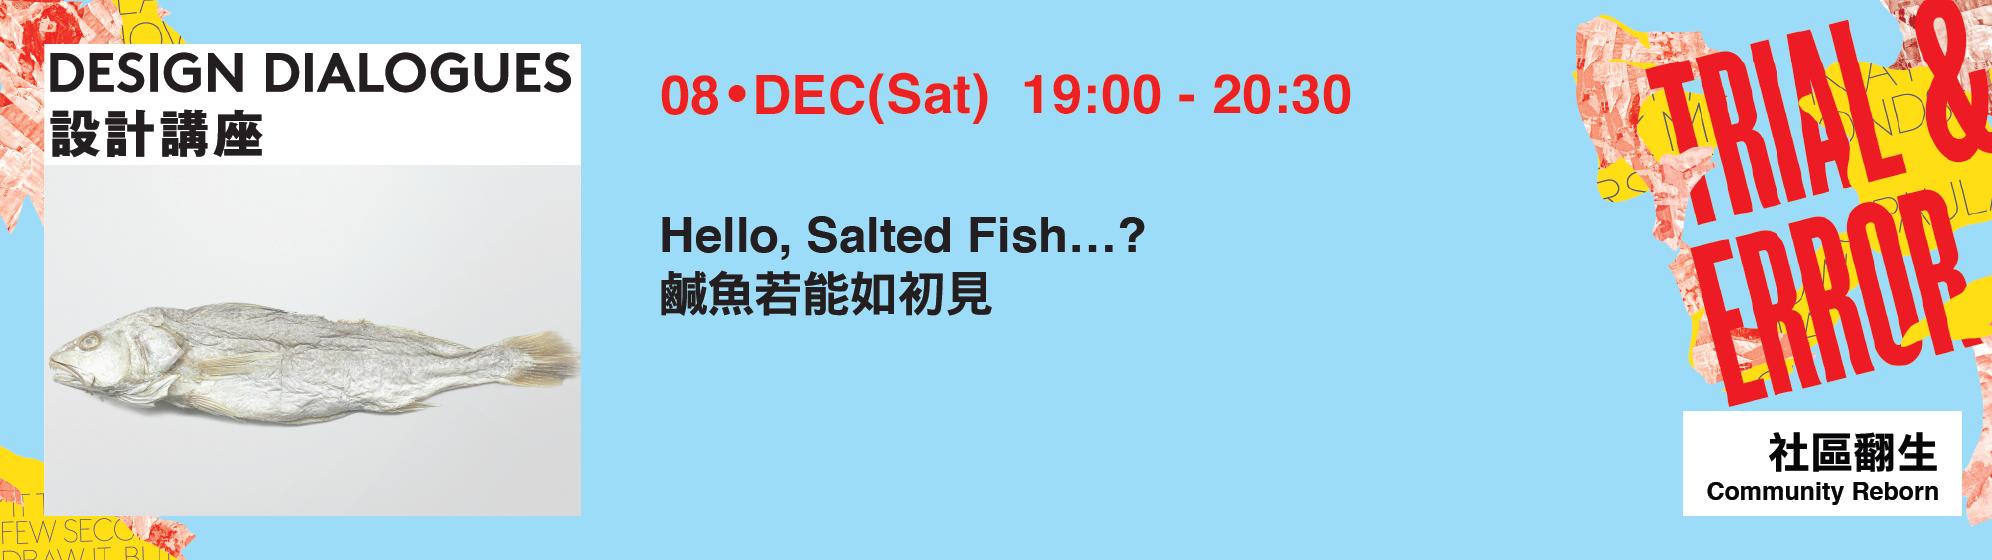 鹹魚若能如初見 | Hello, Salted Fish…?